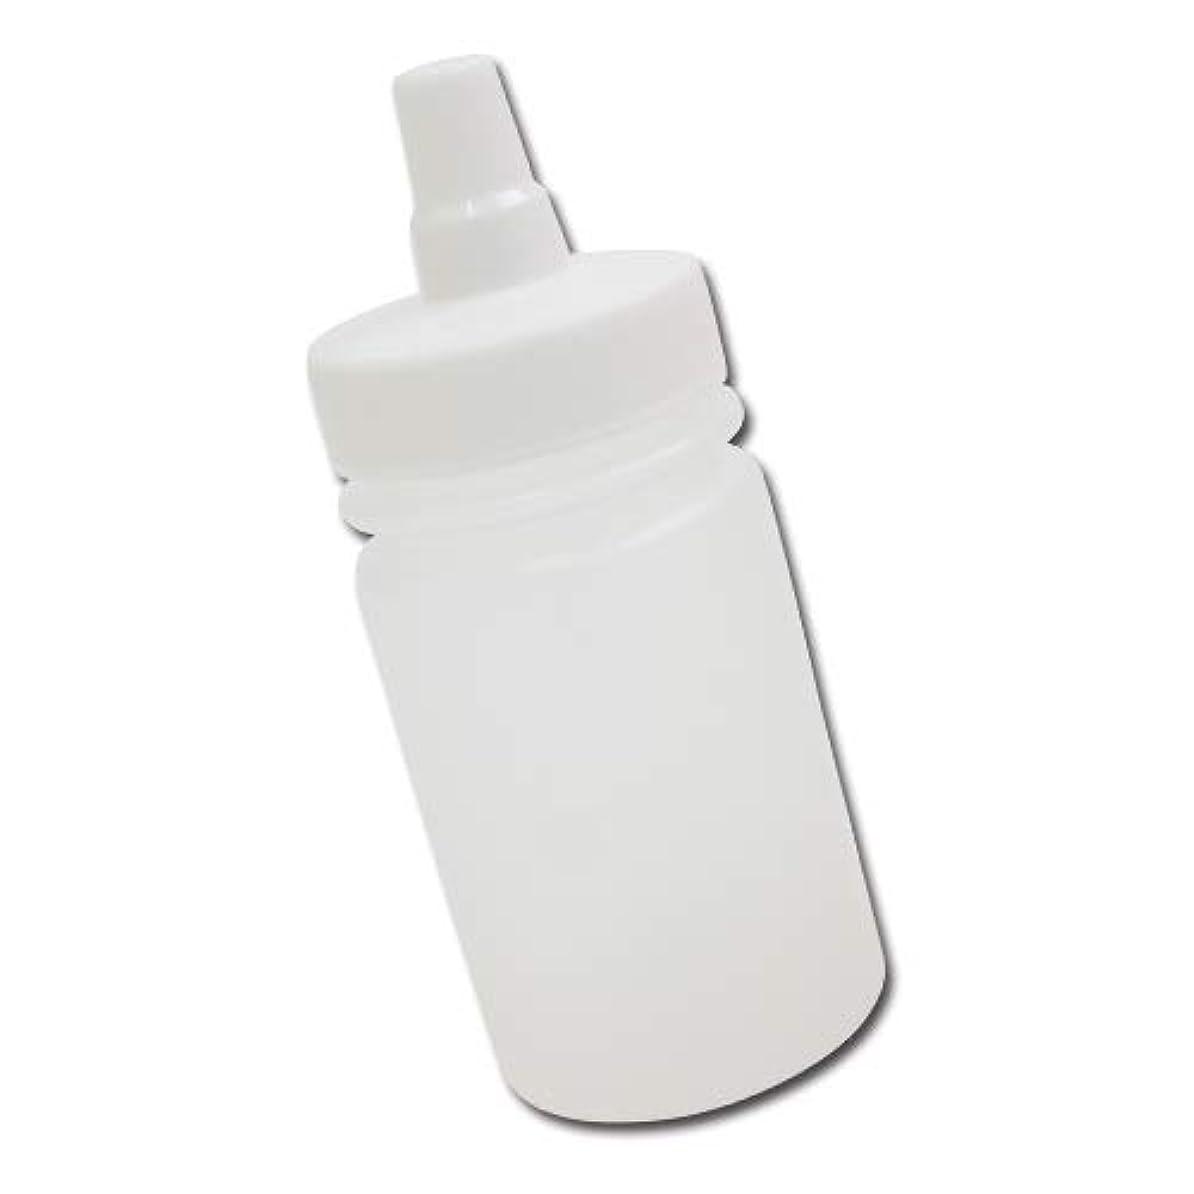 知るズームインするコミットはちみつ容器100ml(ホワイトキャップ)│ストレート型 業務用ローションや調味料の小分けに詰め替え用ハチミツ容器(蜂蜜容器)はちみつボトル